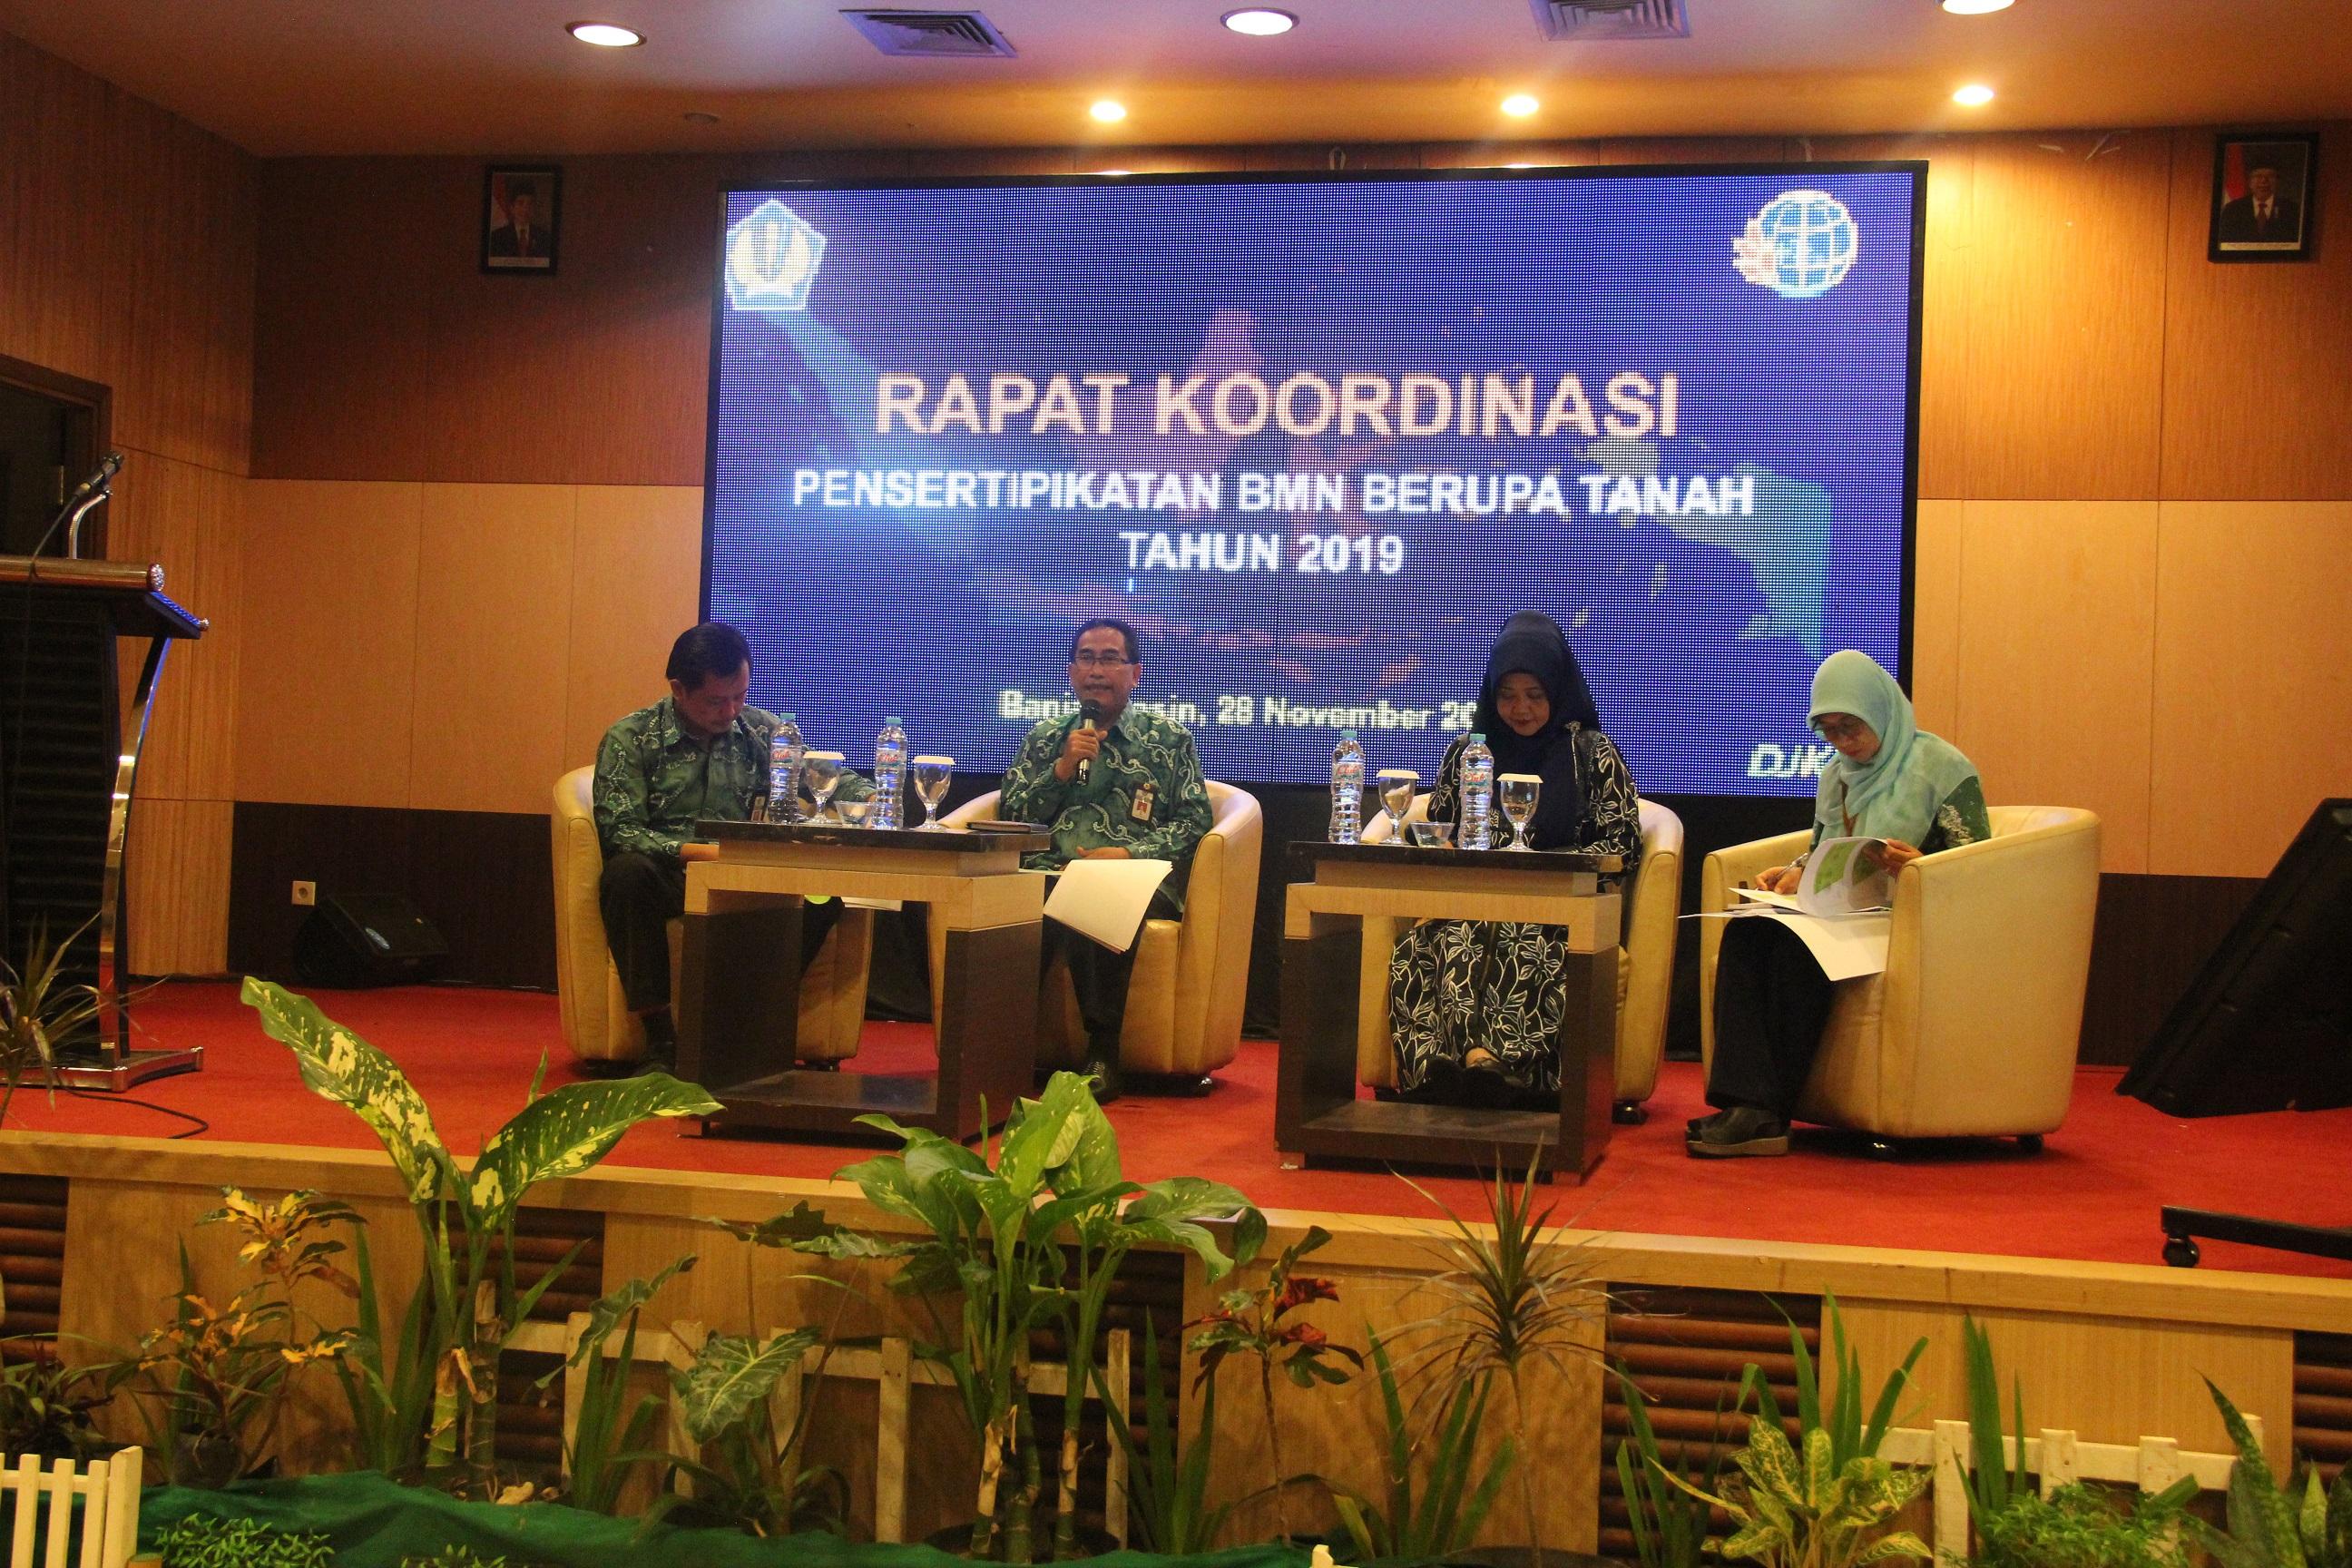 Rapat Koordinasi Sertipikasi BMN berupa Tanah Tahun 2019